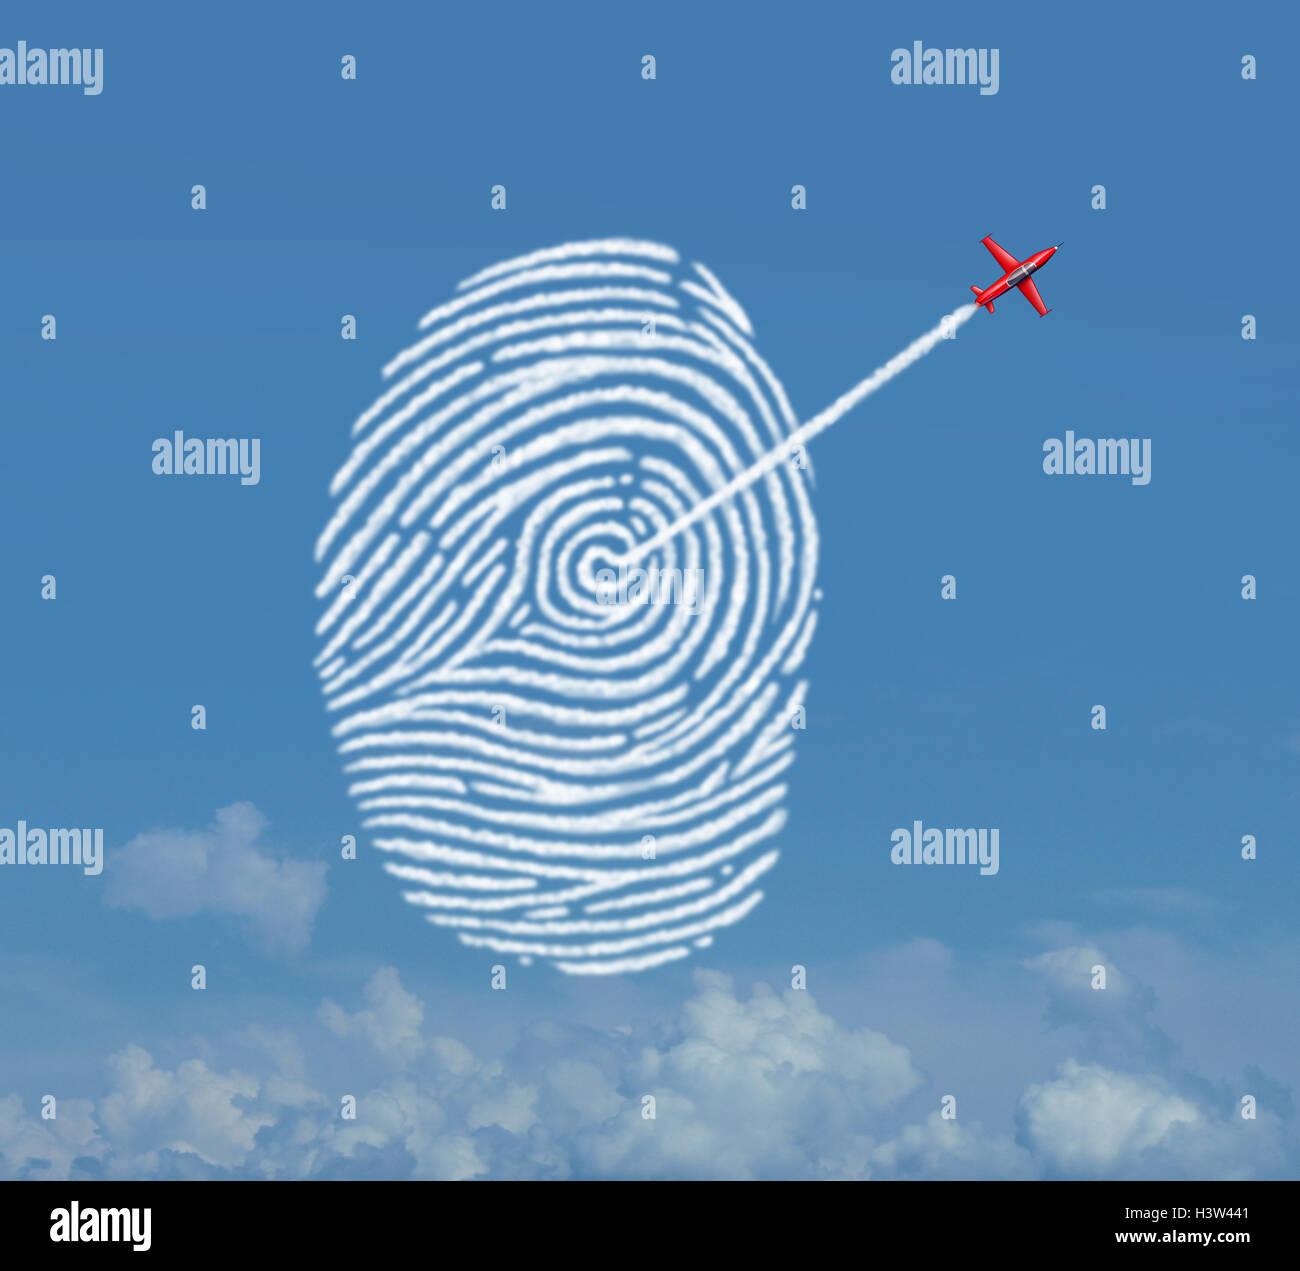 Identität-Security-Konzept als eine akrobatische Jet-Flugzeug machen eine Rauchfahne, die wie ein Fingerabdruck Stockbild